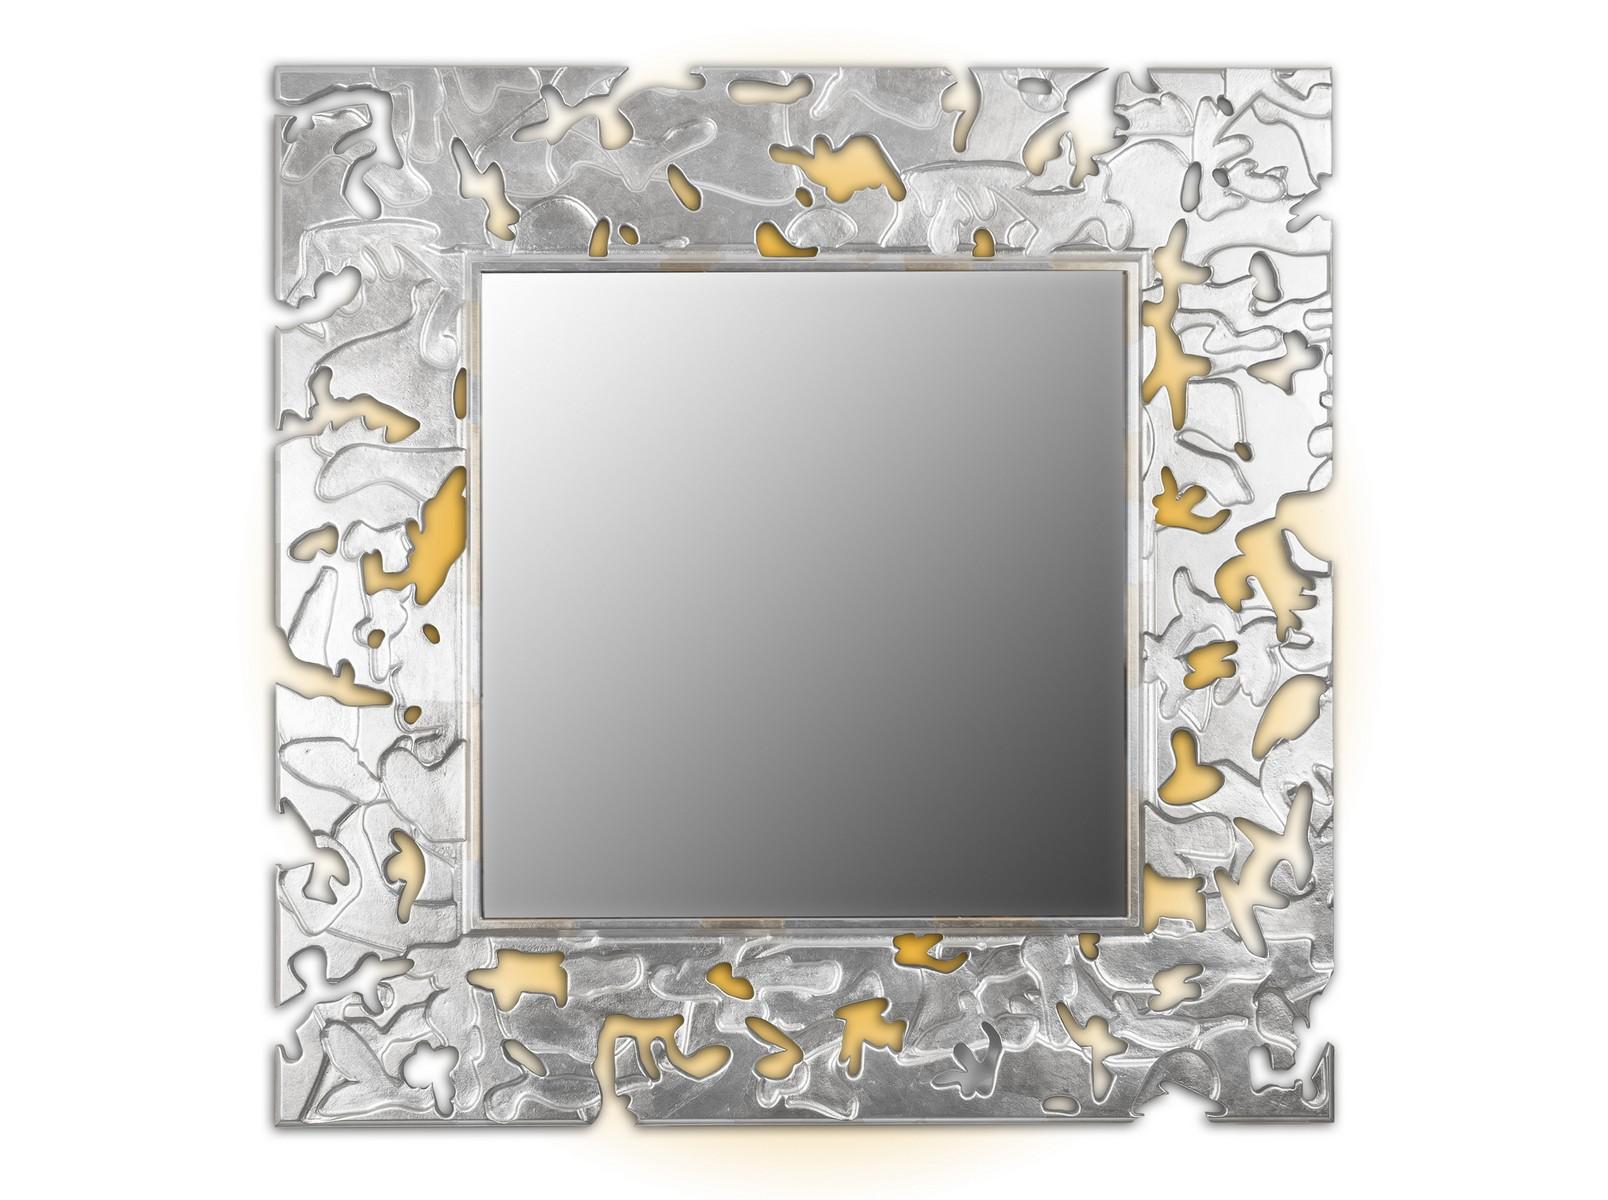 Зеркало CAMOUFLAGEНастенные зеркала<br>Данный вариант представлен в квадратной форме, цвет: золото и серебро.&amp;lt;div&amp;gt;&amp;lt;br&amp;gt;&amp;lt;/div&amp;gt;&amp;lt;div&amp;gt;&amp;lt;p class=&amp;quot;MsoNormal&amp;quot;&amp;gt;Товарное предложение оснащено светодиодной подсветкой.&amp;lt;o:p&amp;gt;&amp;lt;/o:p&amp;gt;&amp;lt;/p&amp;gt;&amp;lt;/div&amp;gt;<br><br>Material: Дерево<br>Ширина см: 90<br>Высота см: 90